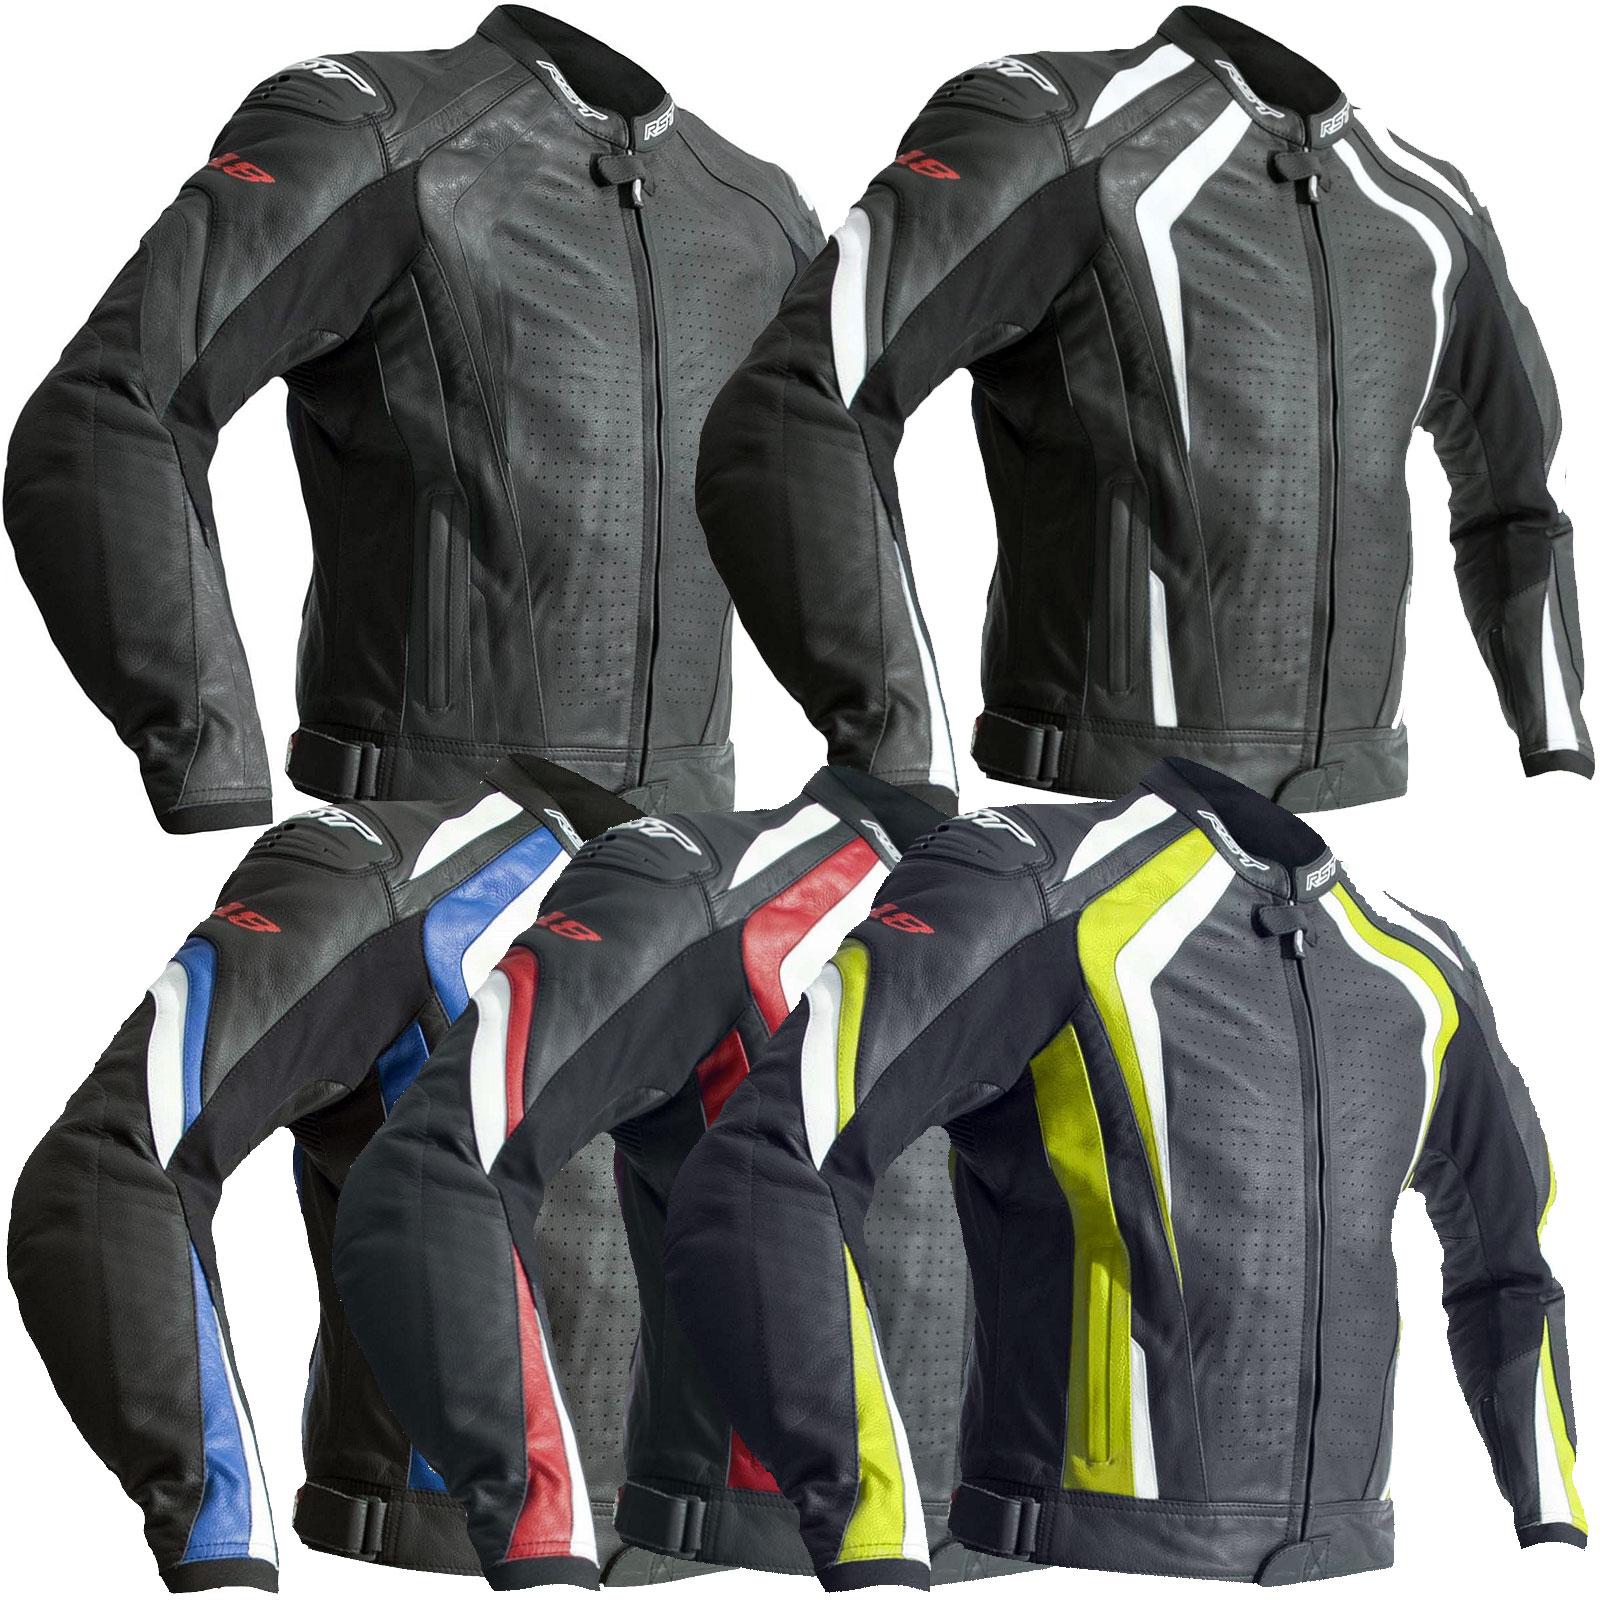 Odzież i ochraniacze RST R-18 2069 Leather Motorcycle Jacket Black CE Approved Motoryzacja: Części